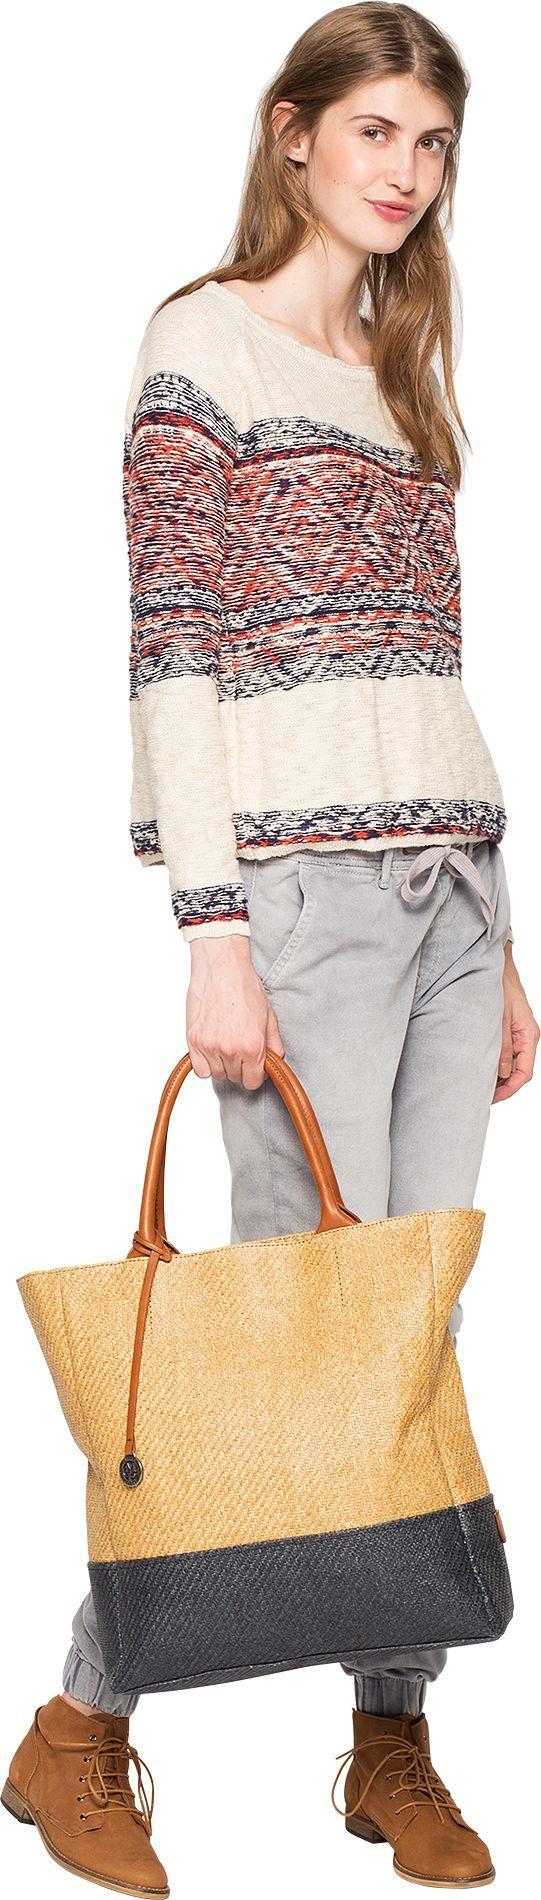 Pullover mit Muster - Schöner weißer Pullover von Pepe Jeans. Das auf links gestrickte Design wirkt rough und rustikal, dazu kommt das angesagte Ethnomuster. So entsteht ein Style mit coolem Navajo-Feeling. - ab 74,90€